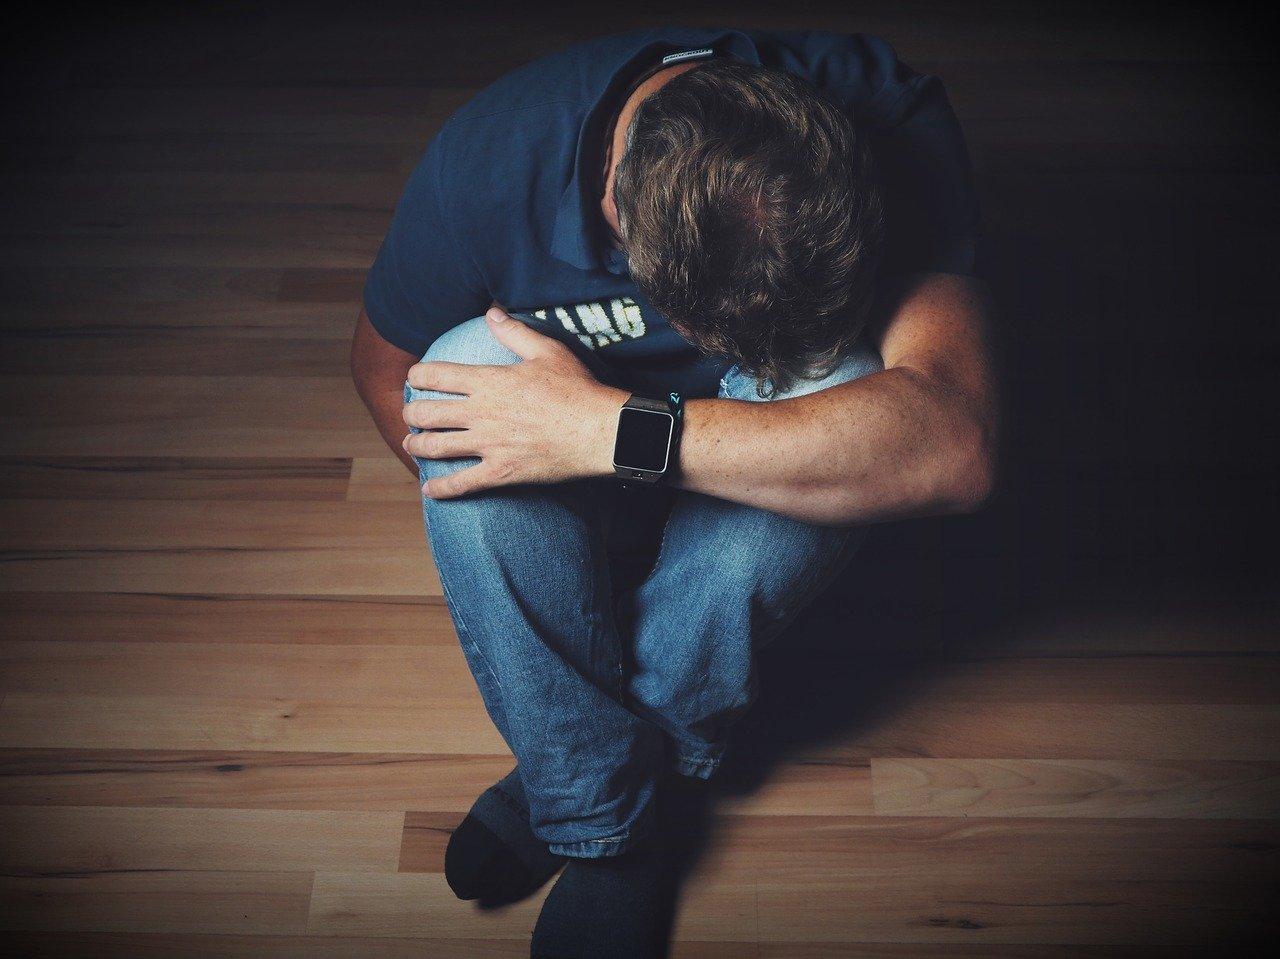 Le deuil d'un parent, une étape très difficile à surmonter